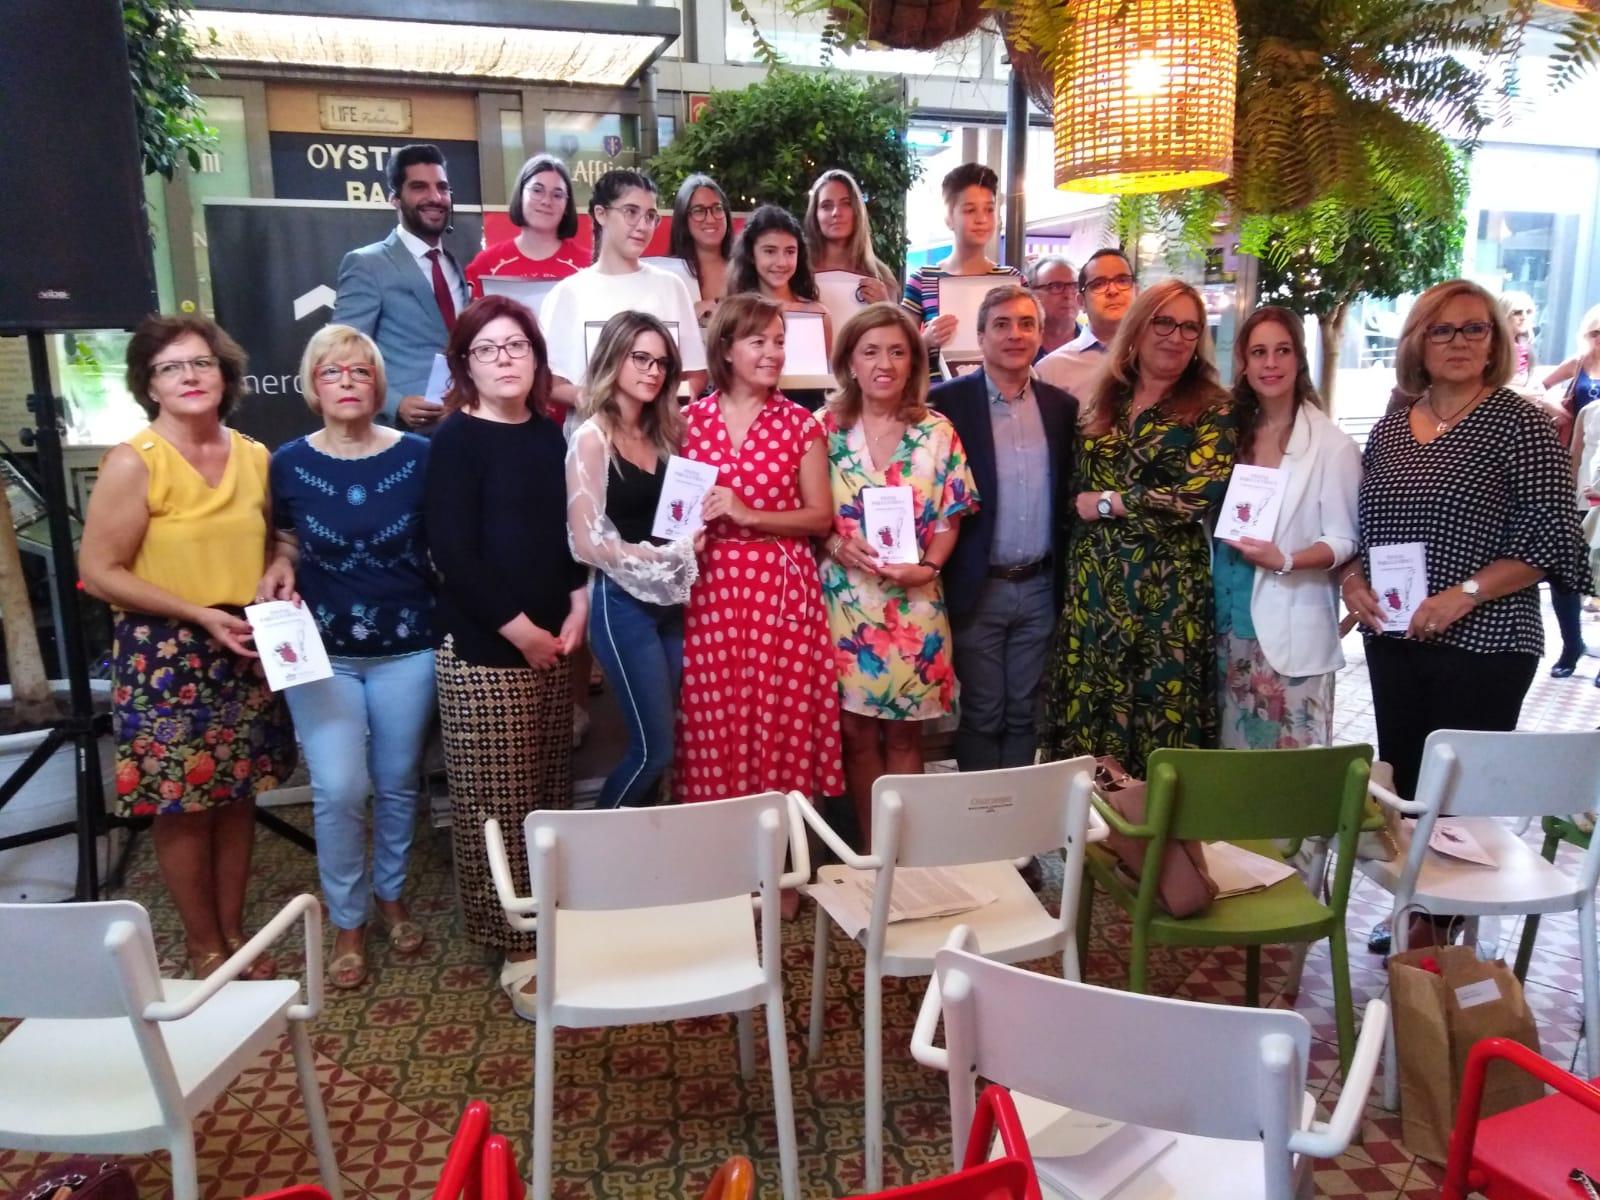 Premiados-Tintas-para-la-Vida Alrededor de 150 personas asisten a la entrega de premios del V Concurso andaluz de poesía 'Tintas para la Vida' que organiza el Hospital Reina Sofía